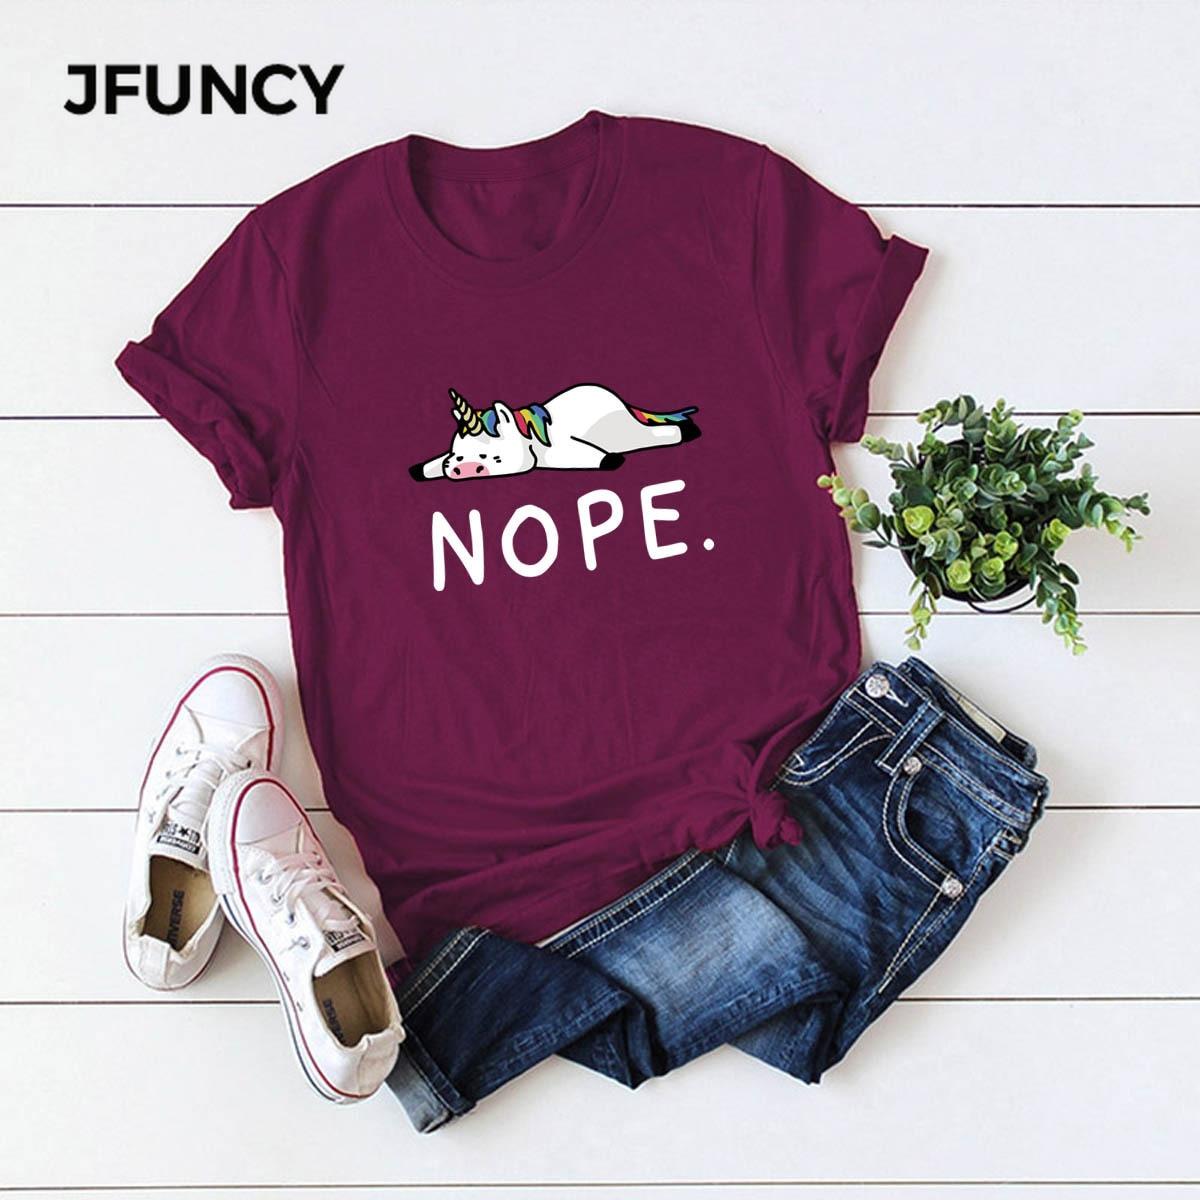 JFUNCY Cute Unicorn Print Plus Size Women Loose Tee Tops 100% Cotton Summer T-Shirt Woman Shirts Casual Kawaii Mujer Tshirt